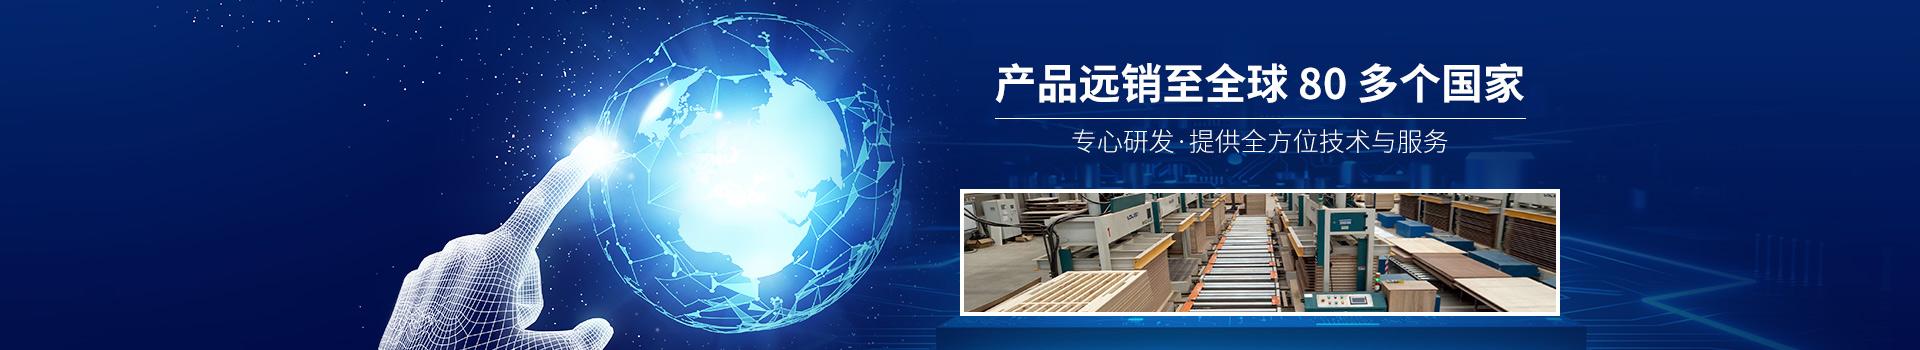 威德力-专心研发,提供全方位技术与服务